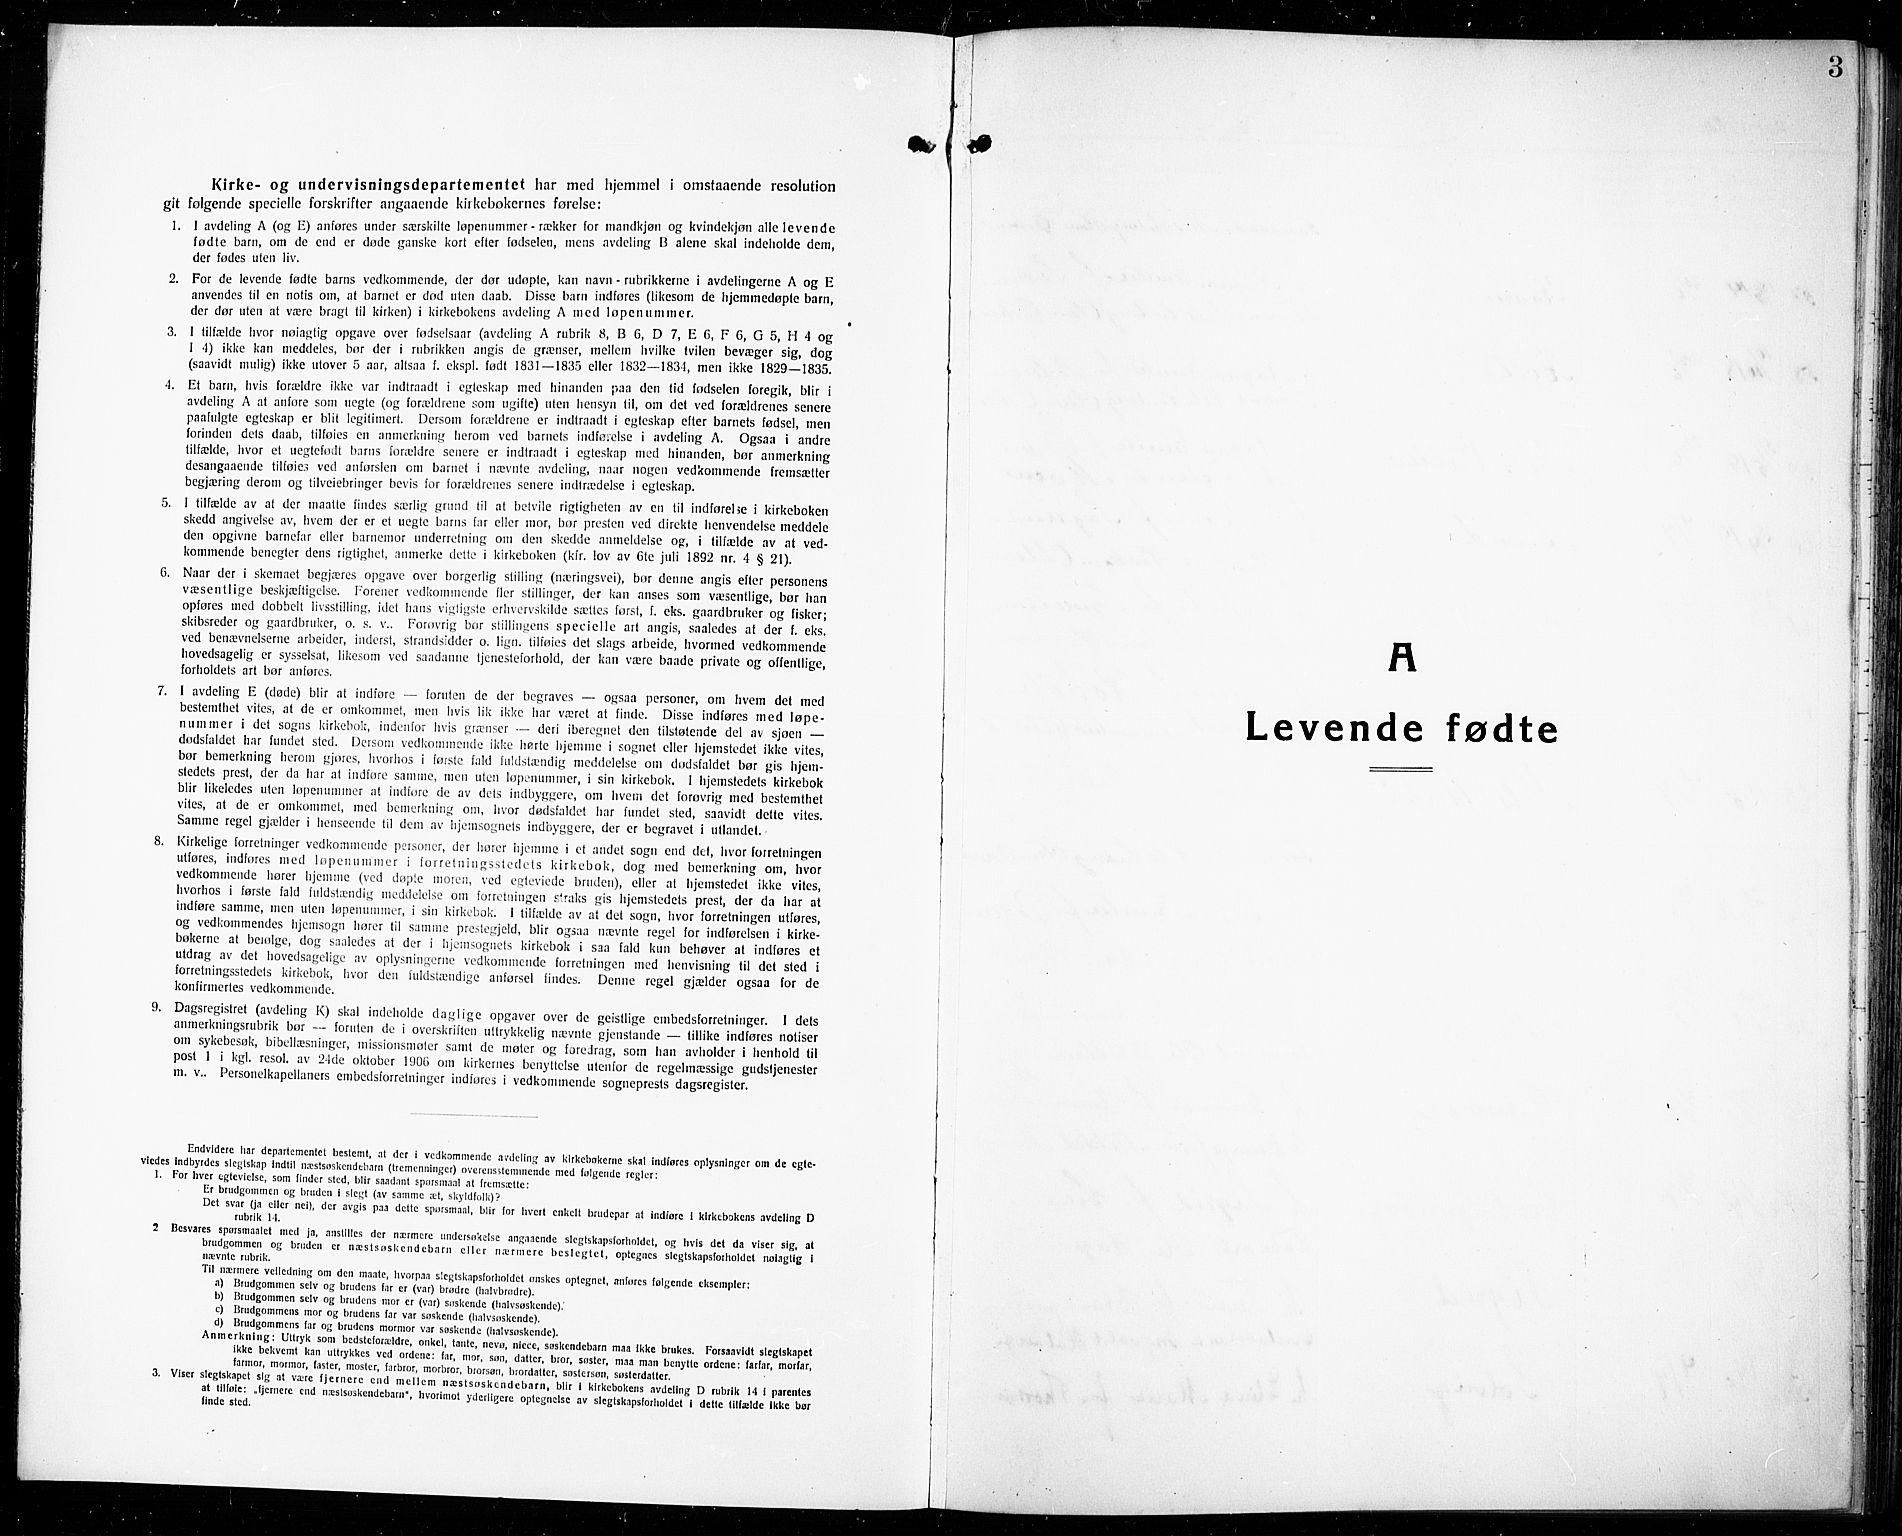 SAKO, Rjukan kirkebøker, G/Ga/L0003: Klokkerbok nr. 3, 1920-1928, s. 3